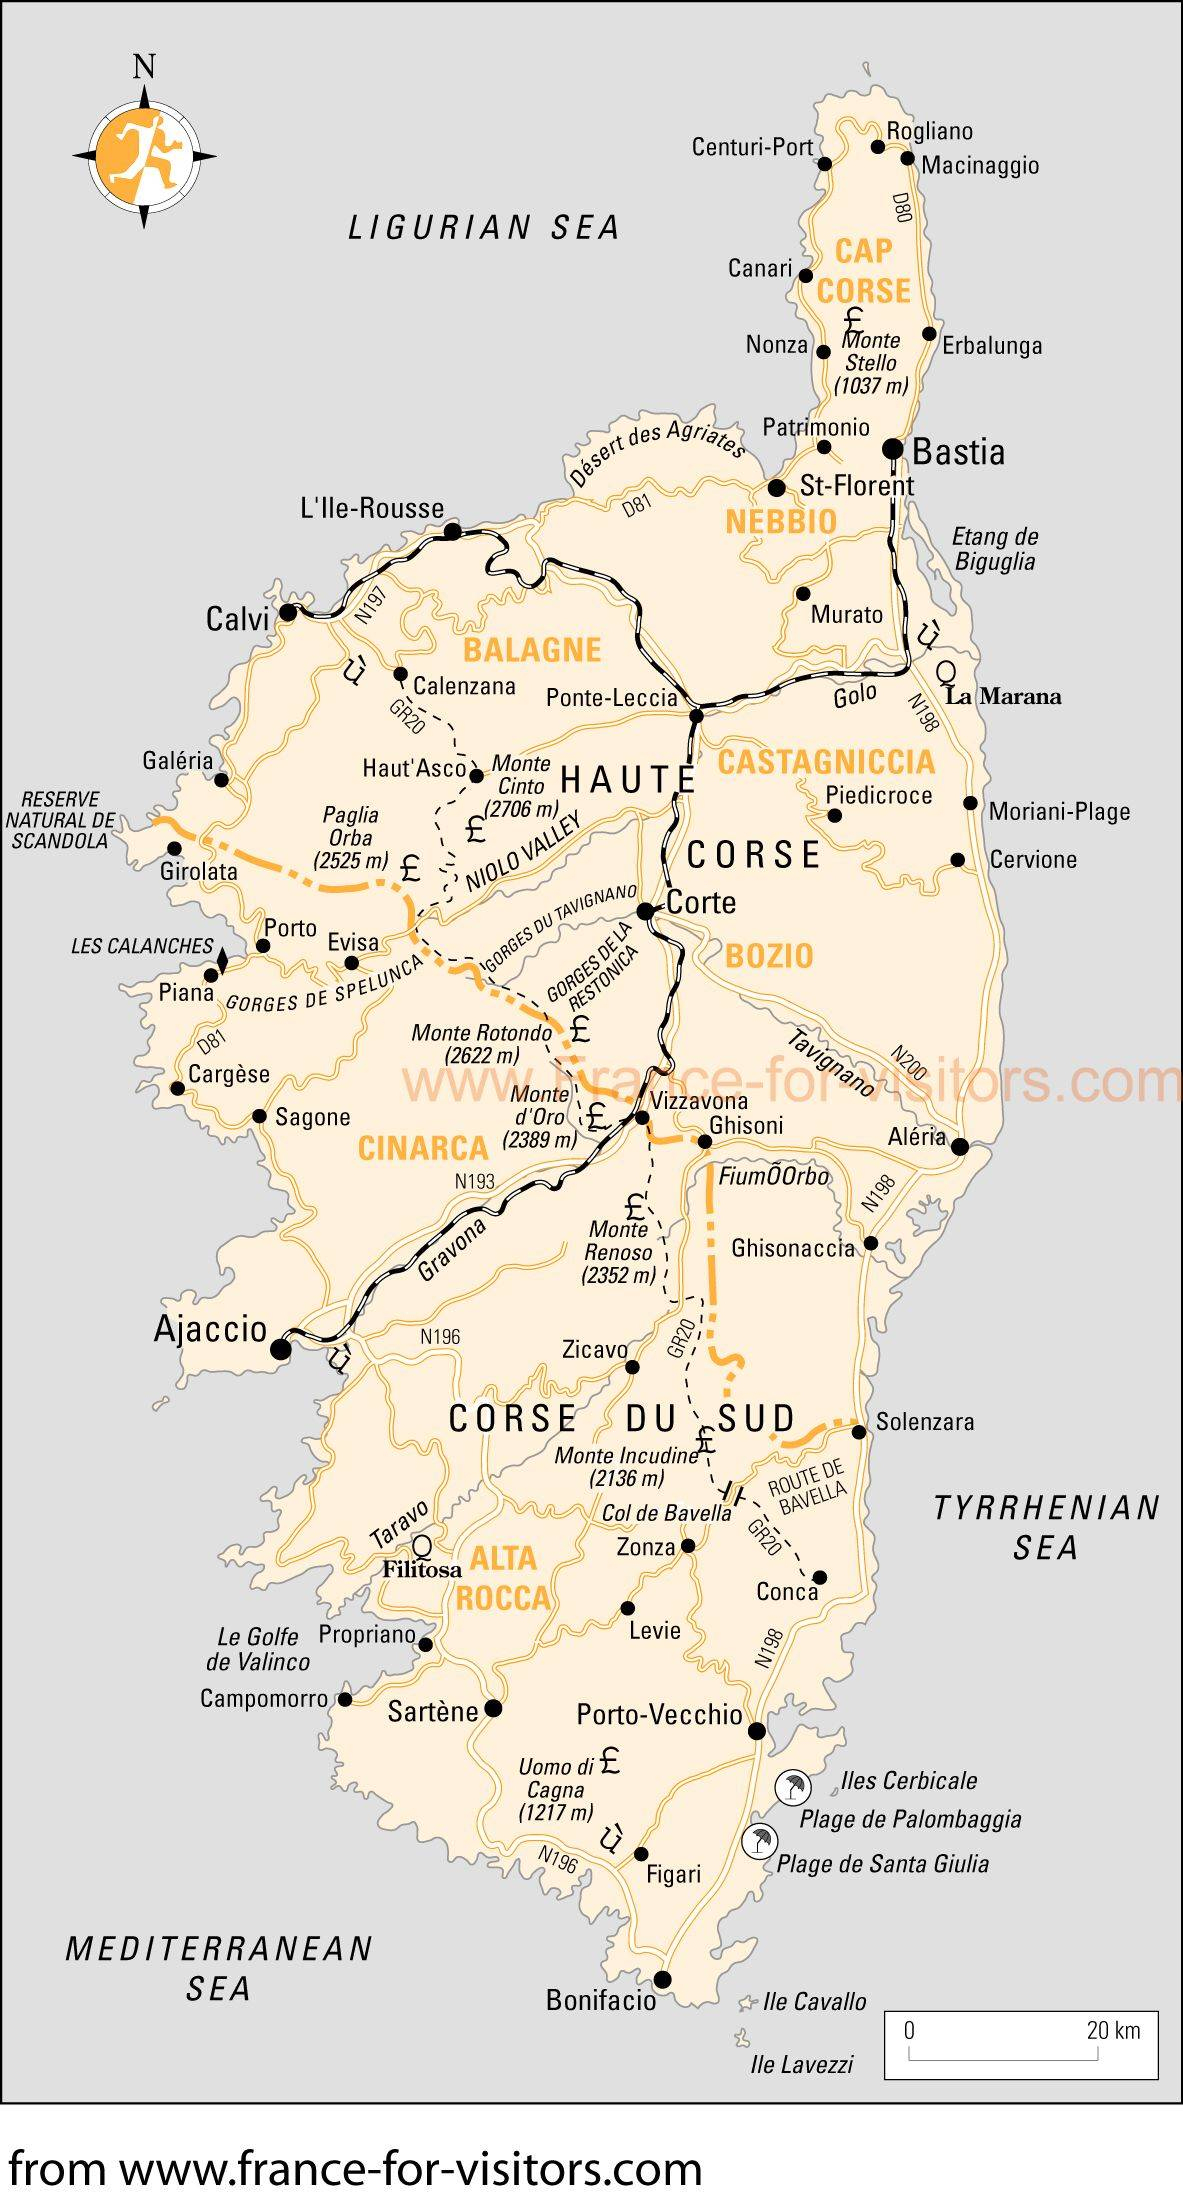 Cartes De Corse | Cartes Typographiques Détaillées De Corse tout Carte Du Sud Est De La France Détaillée